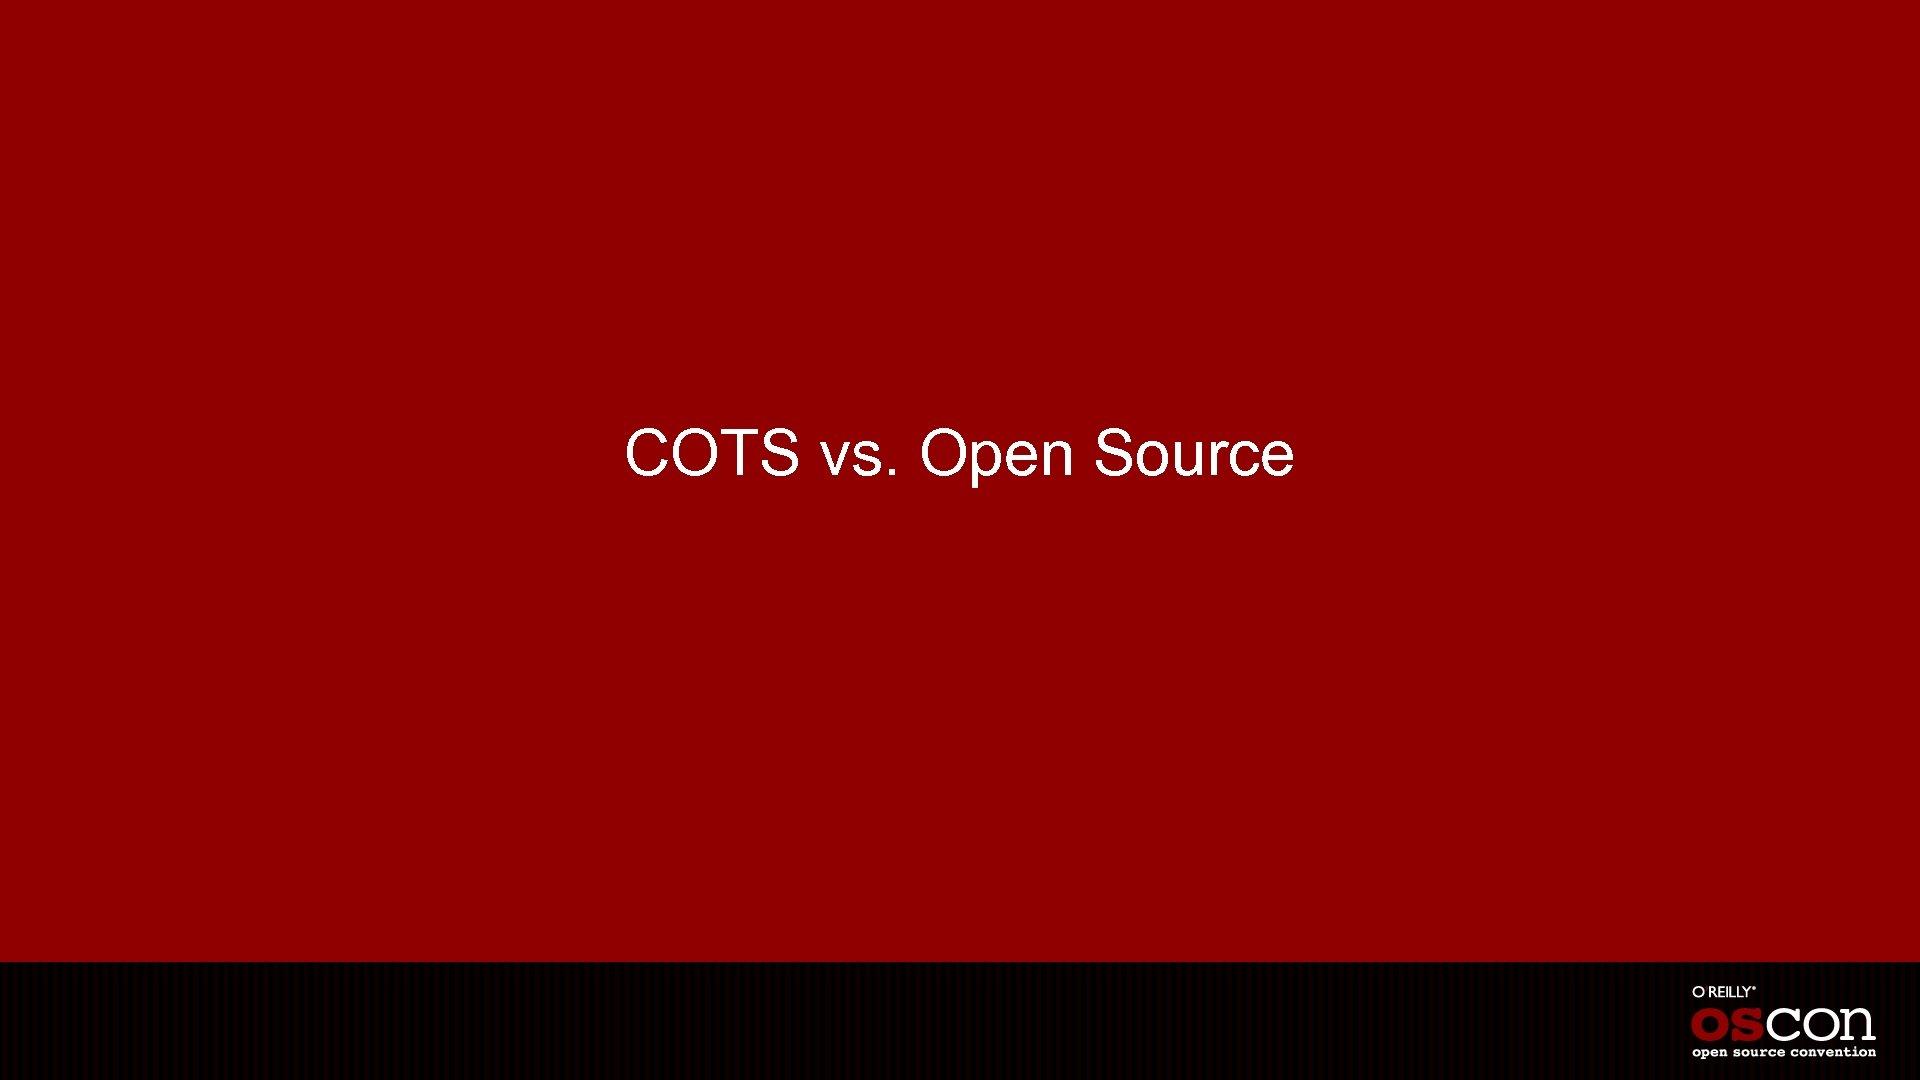 COTS vs. Open Source